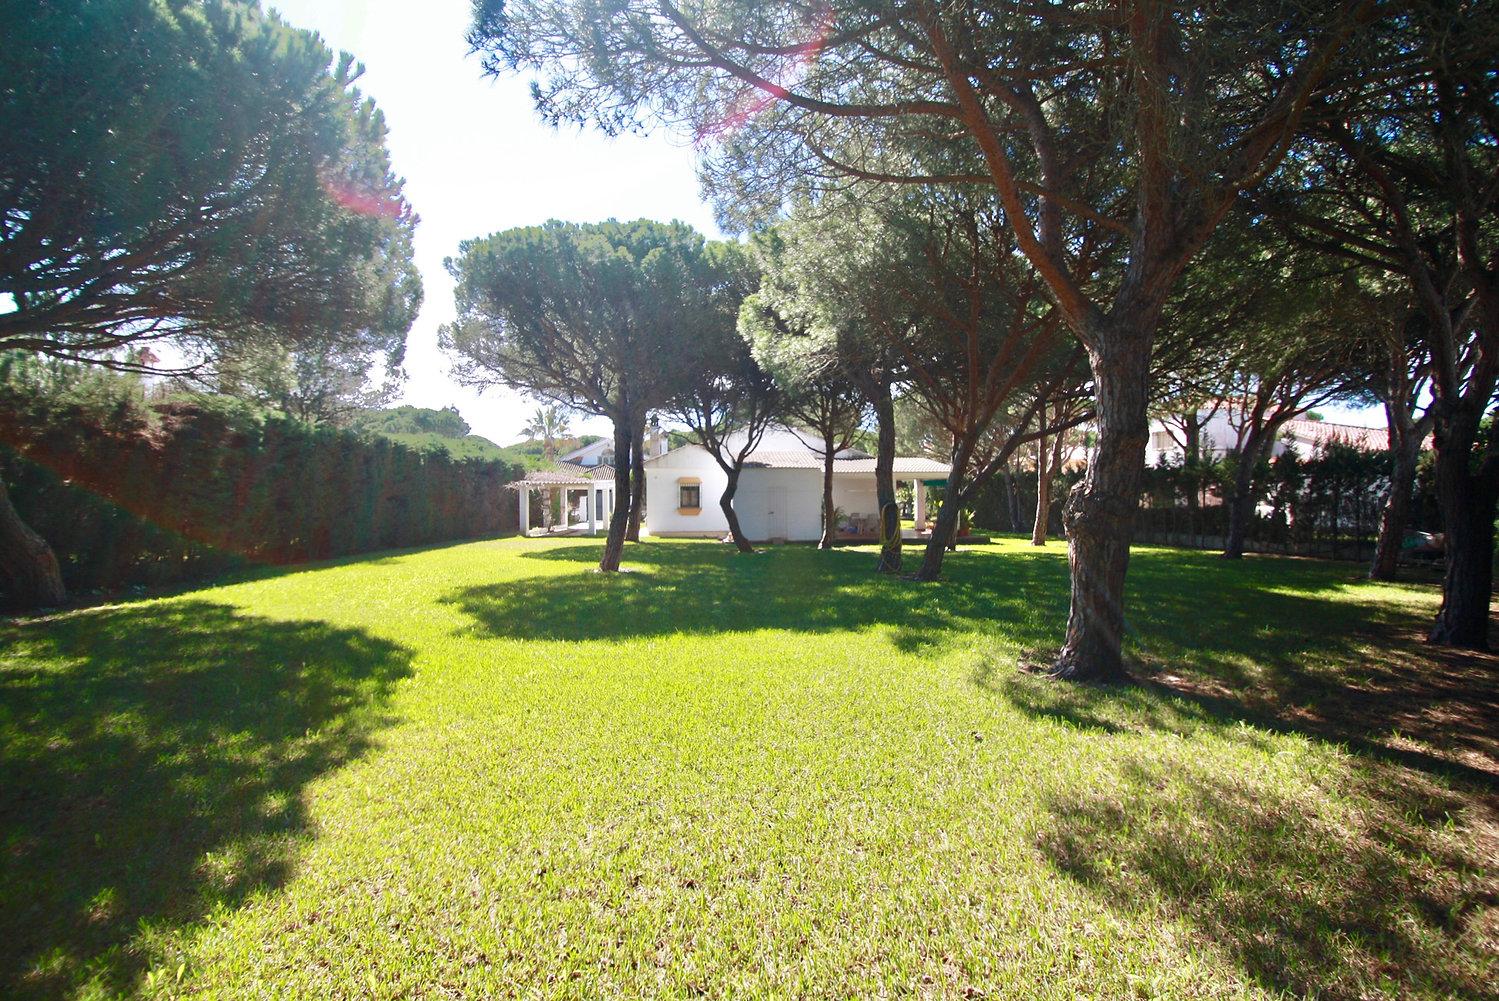 large-garden-house-pine-trees-refv77.JPG